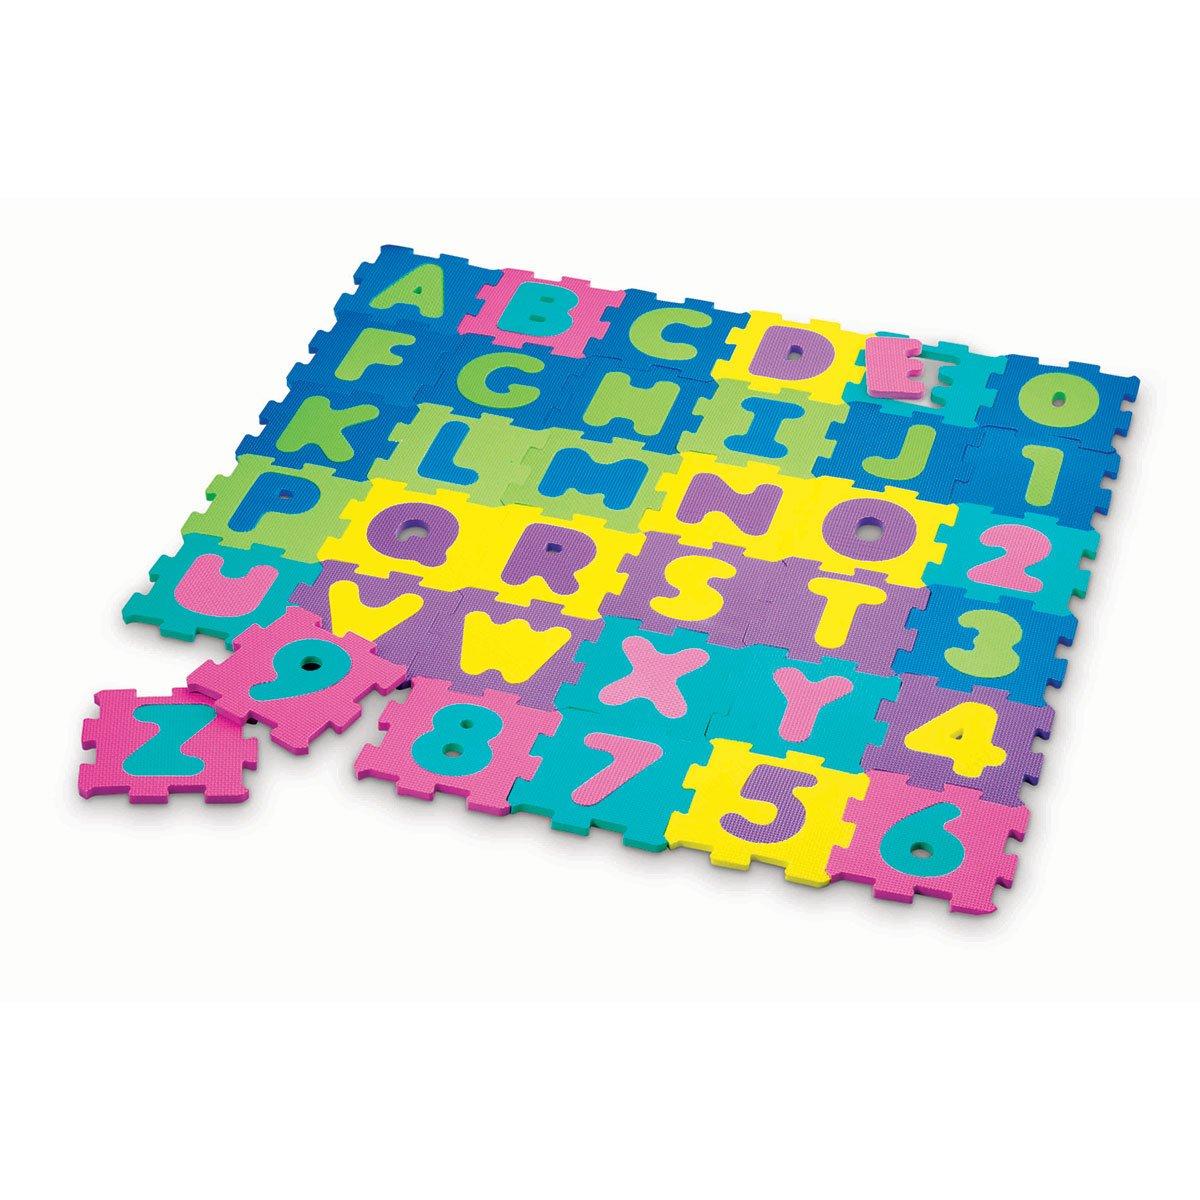 Tapis Alphabet Sevi 140x100 cm 60531 Ameublement et D/écoration